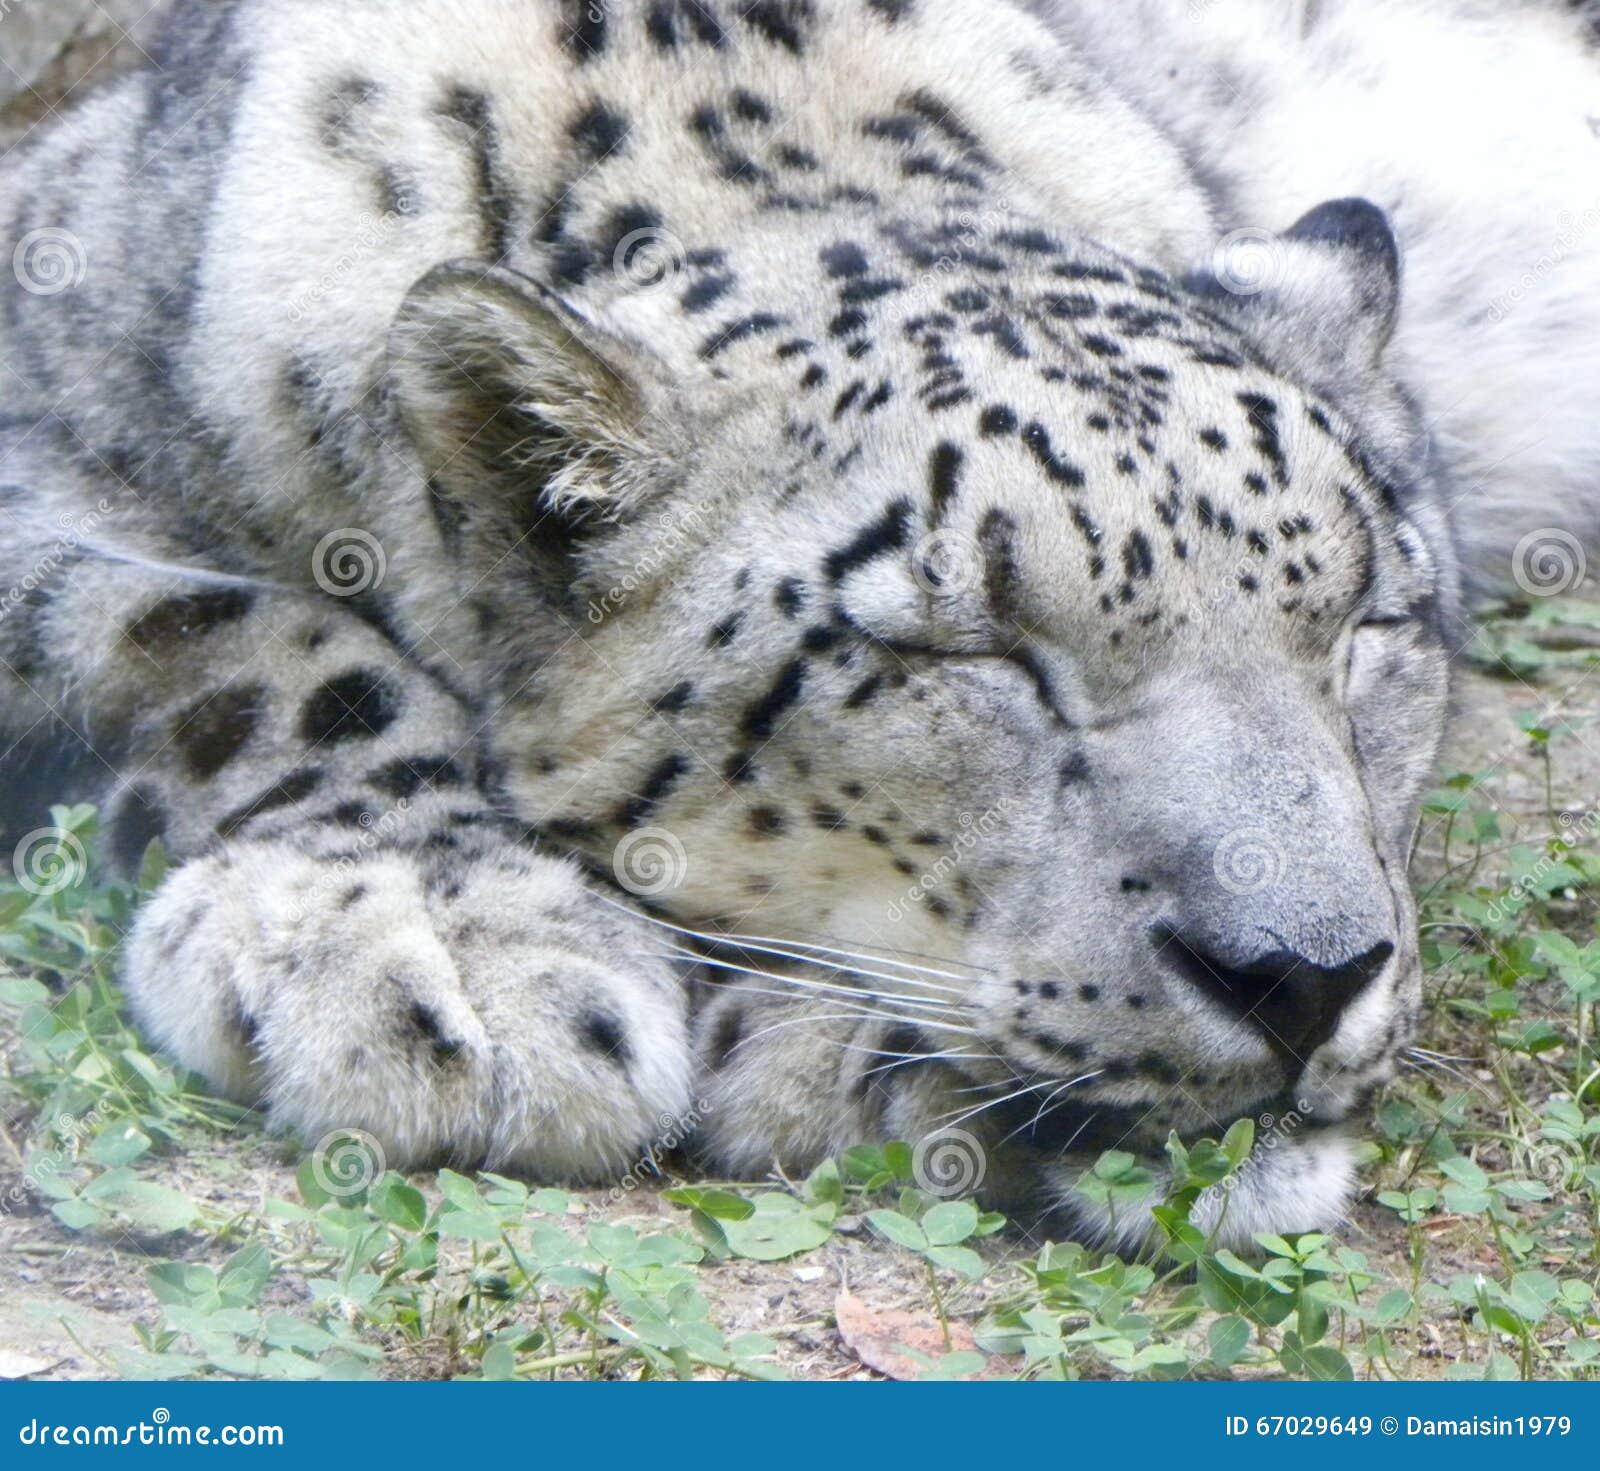 Leopard Sleeping | newhairstylesformen2014.com